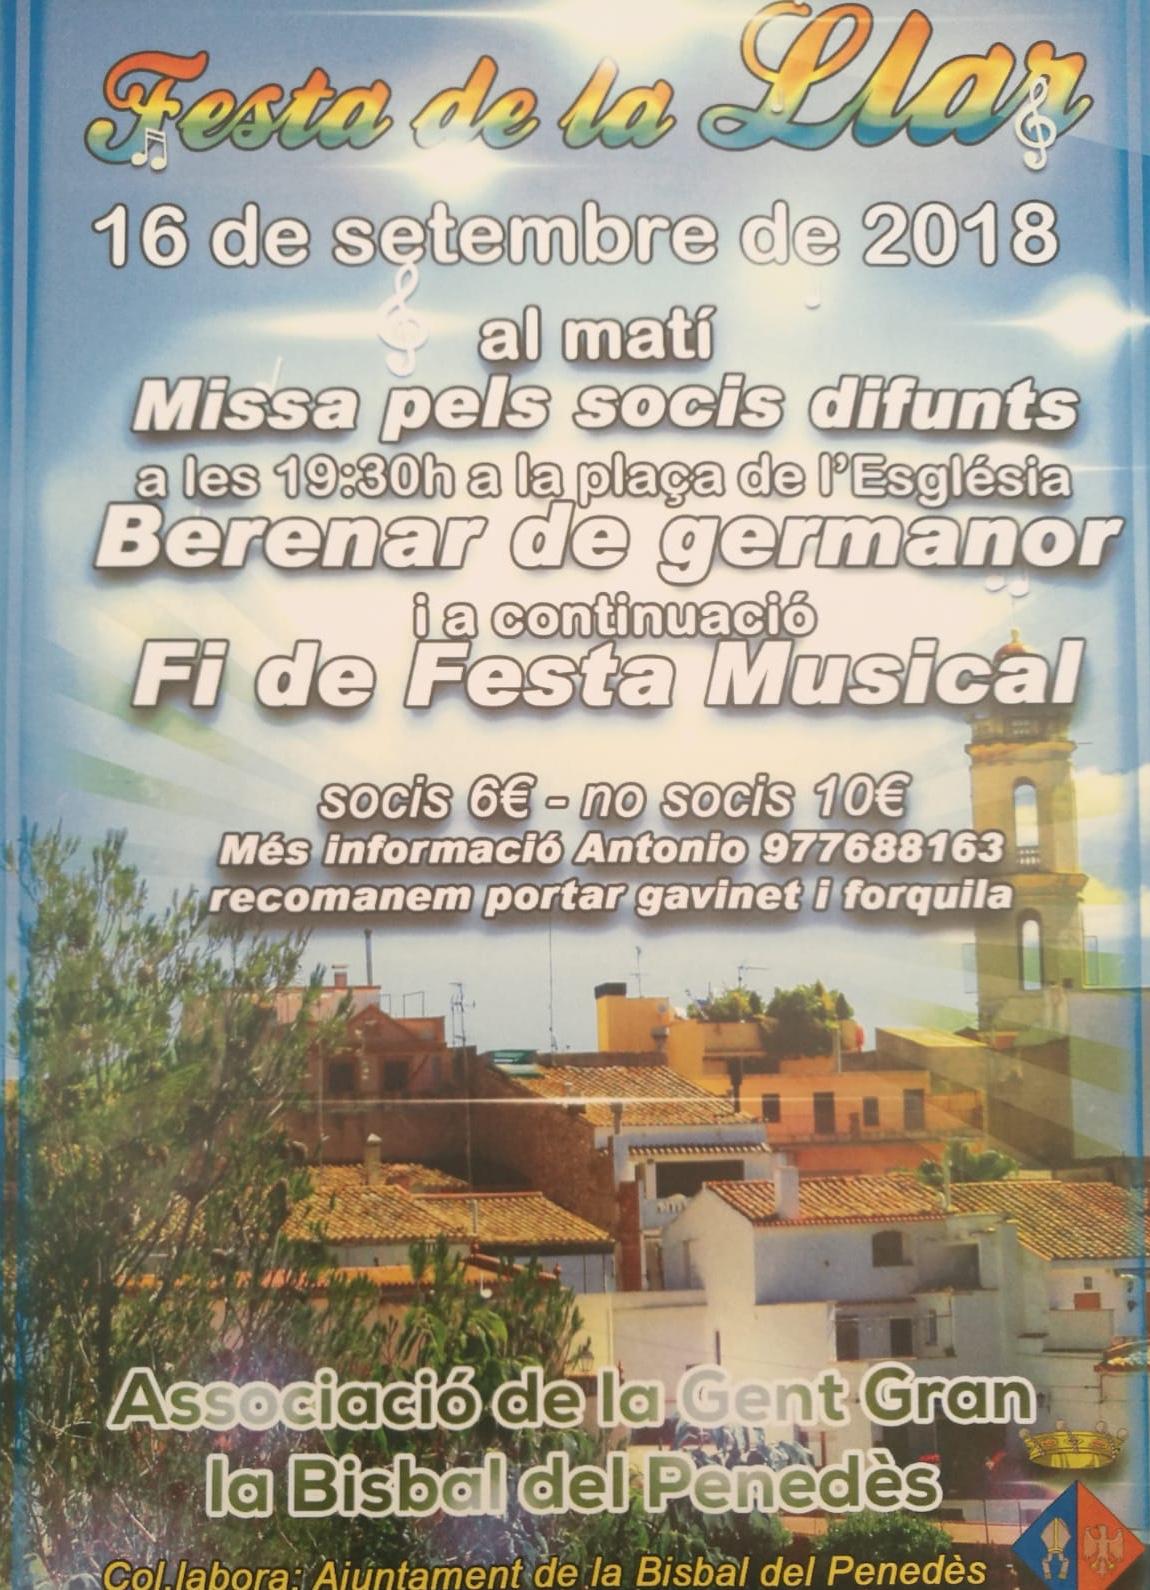 L'Associació de la Gent Gran celebra la seva festa anual el diumenge 16 de setembre